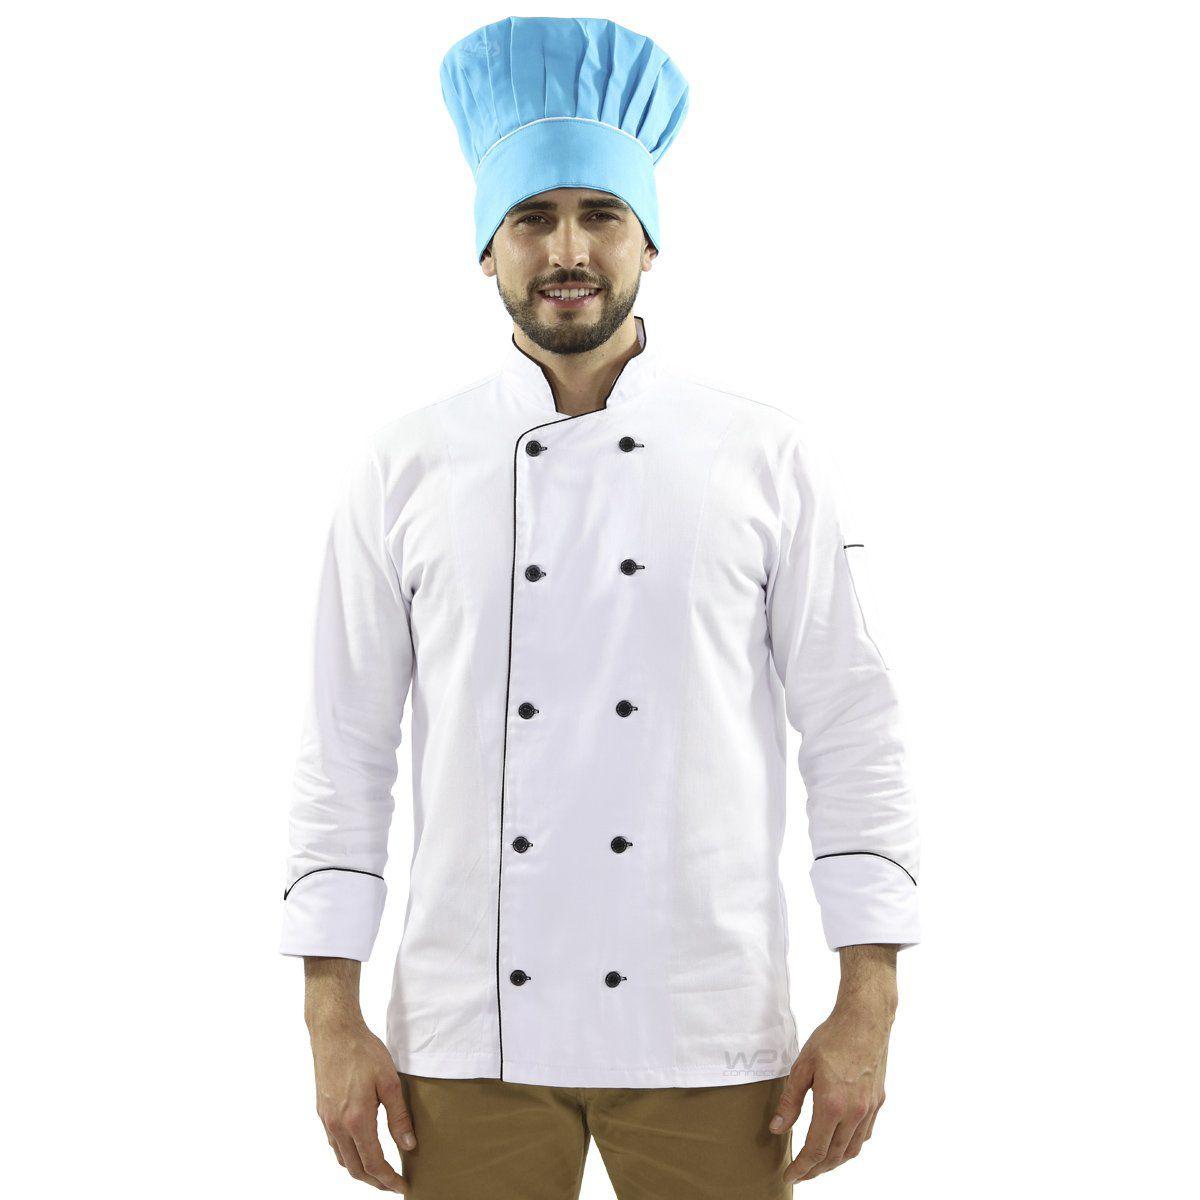 Touca Mestre Cuca Com Detalhe Listra Branca - Azul Caribe